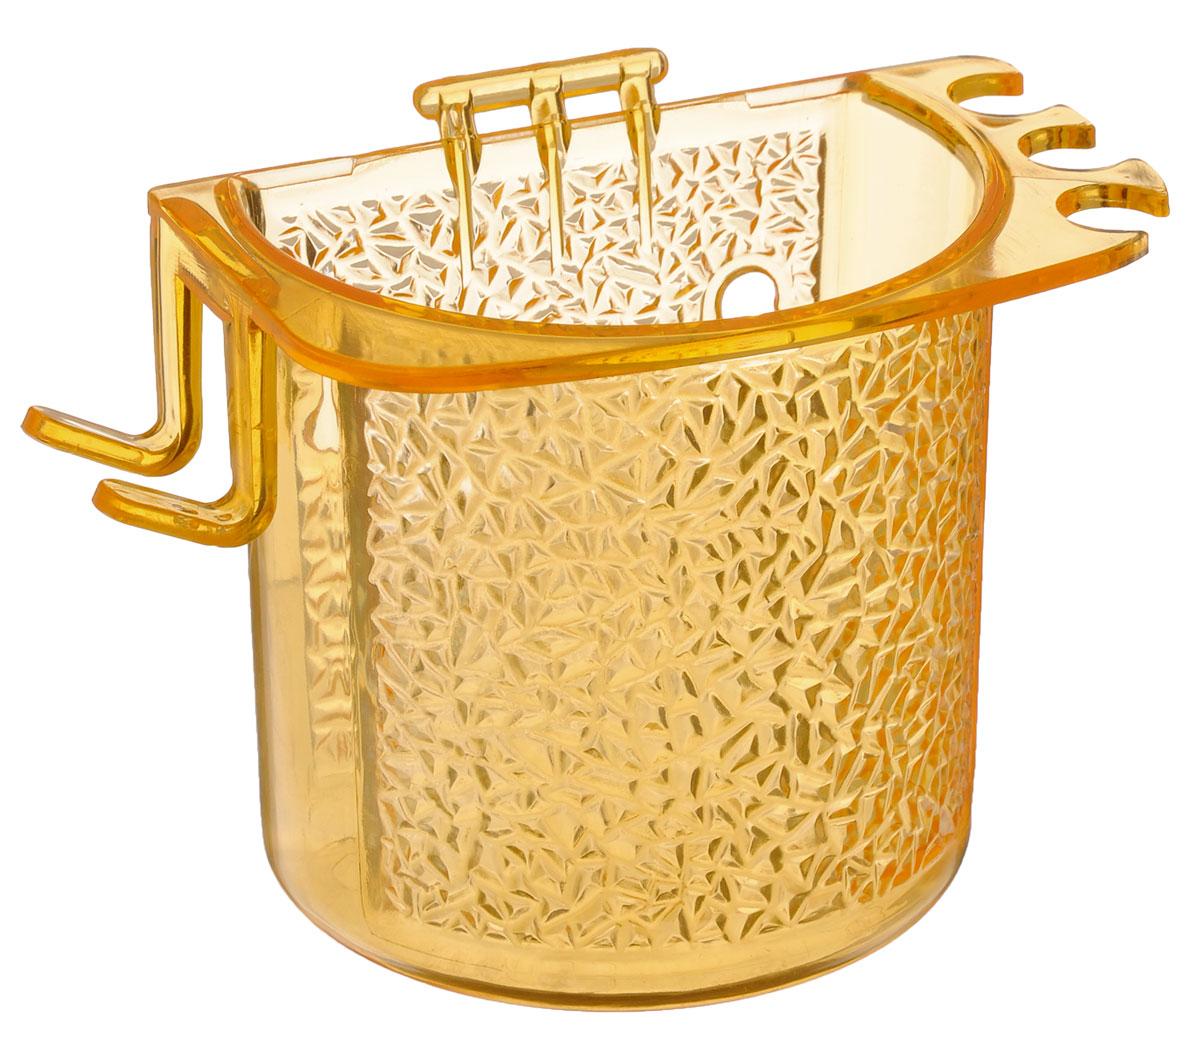 Стакан для ванной Fresh Code, на липкой основе, цвет: оранжевый301-04Стакан для ванной комнаты Fresh Codeвыполнен из ABS пластика. Крепление налипкой основе многократного использованияидеально подходит для гладкой поверхности. Соборотной стороны изделие оснащено двумяотверстиями для удобногоразмещения на стене. В стакане удобно хранить зубные щетки, пасту идругие принадлежности.Аксессуары для ванной комнаты Fresh Codeстильно украсят интерьер и добавят в обычнуюобстановку яркие и модные акценты. Стаканидеально подойдет к любому стилю ваннойкомнаты.